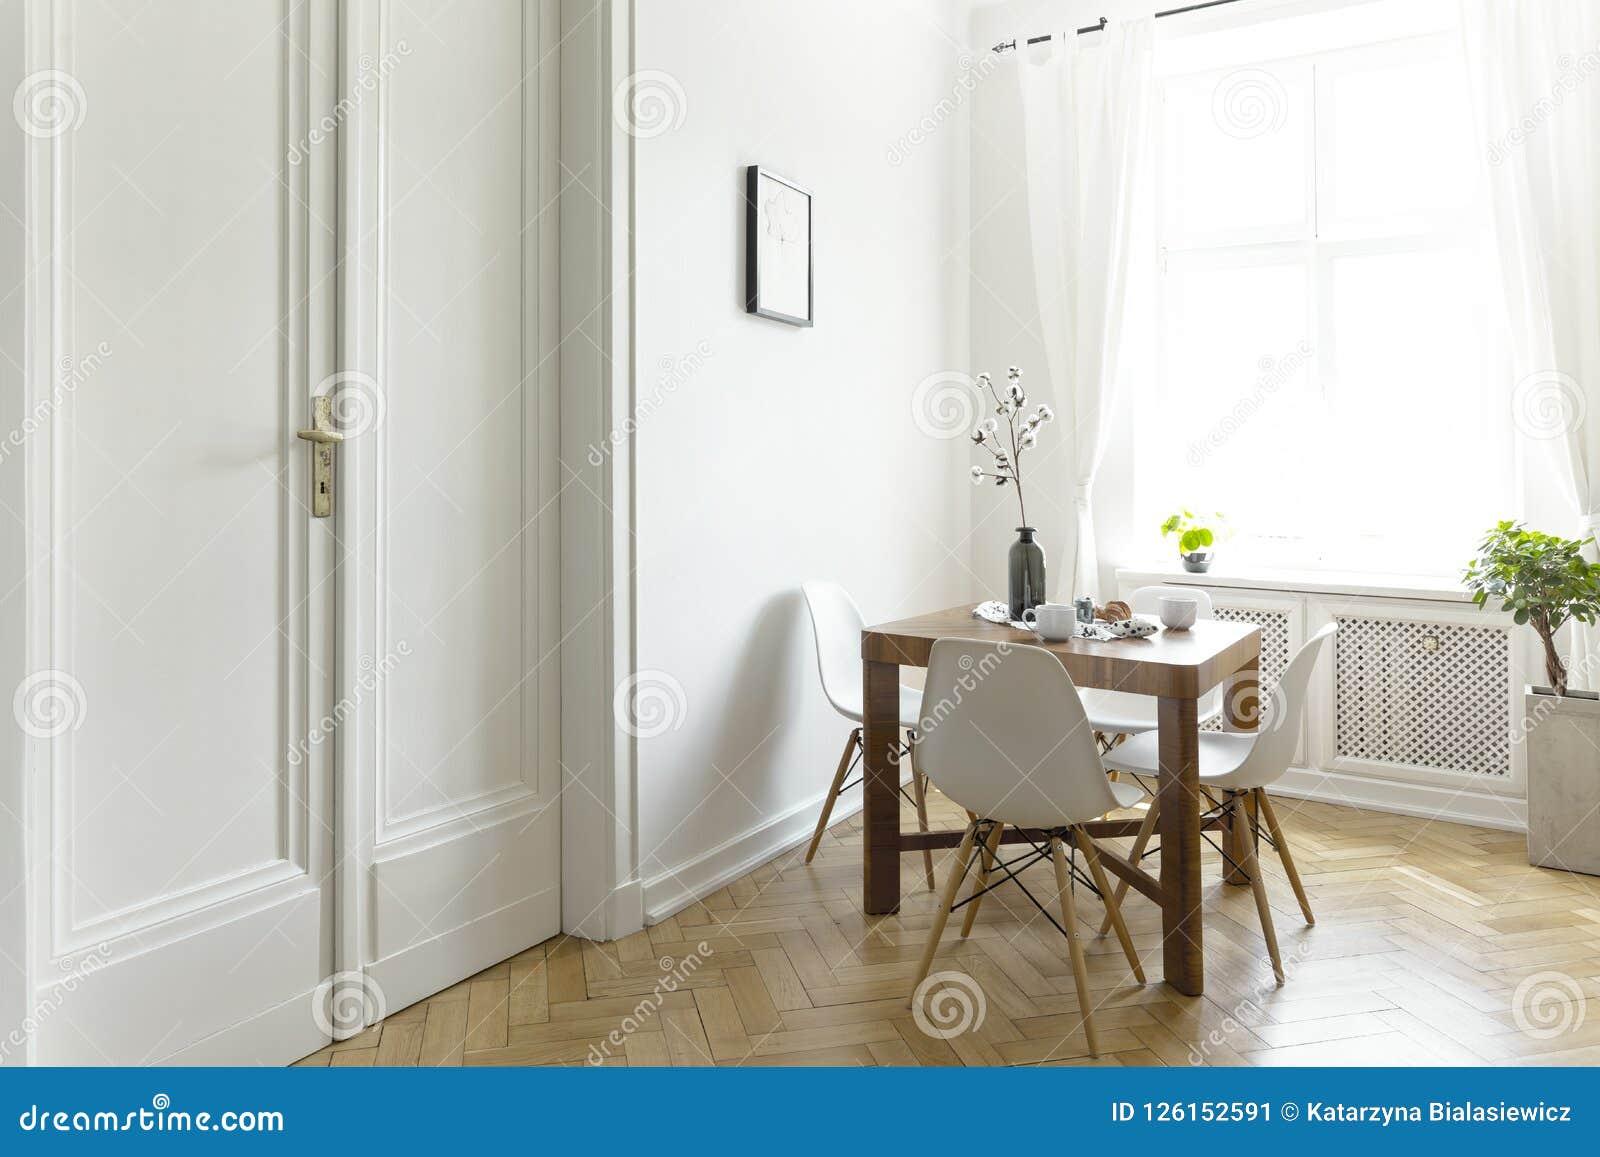 Tavolo Legno Sedie Bianche.Un Piccolo Tavolo Da Pranzo Di Legno Con Le Sedie In Un Interno